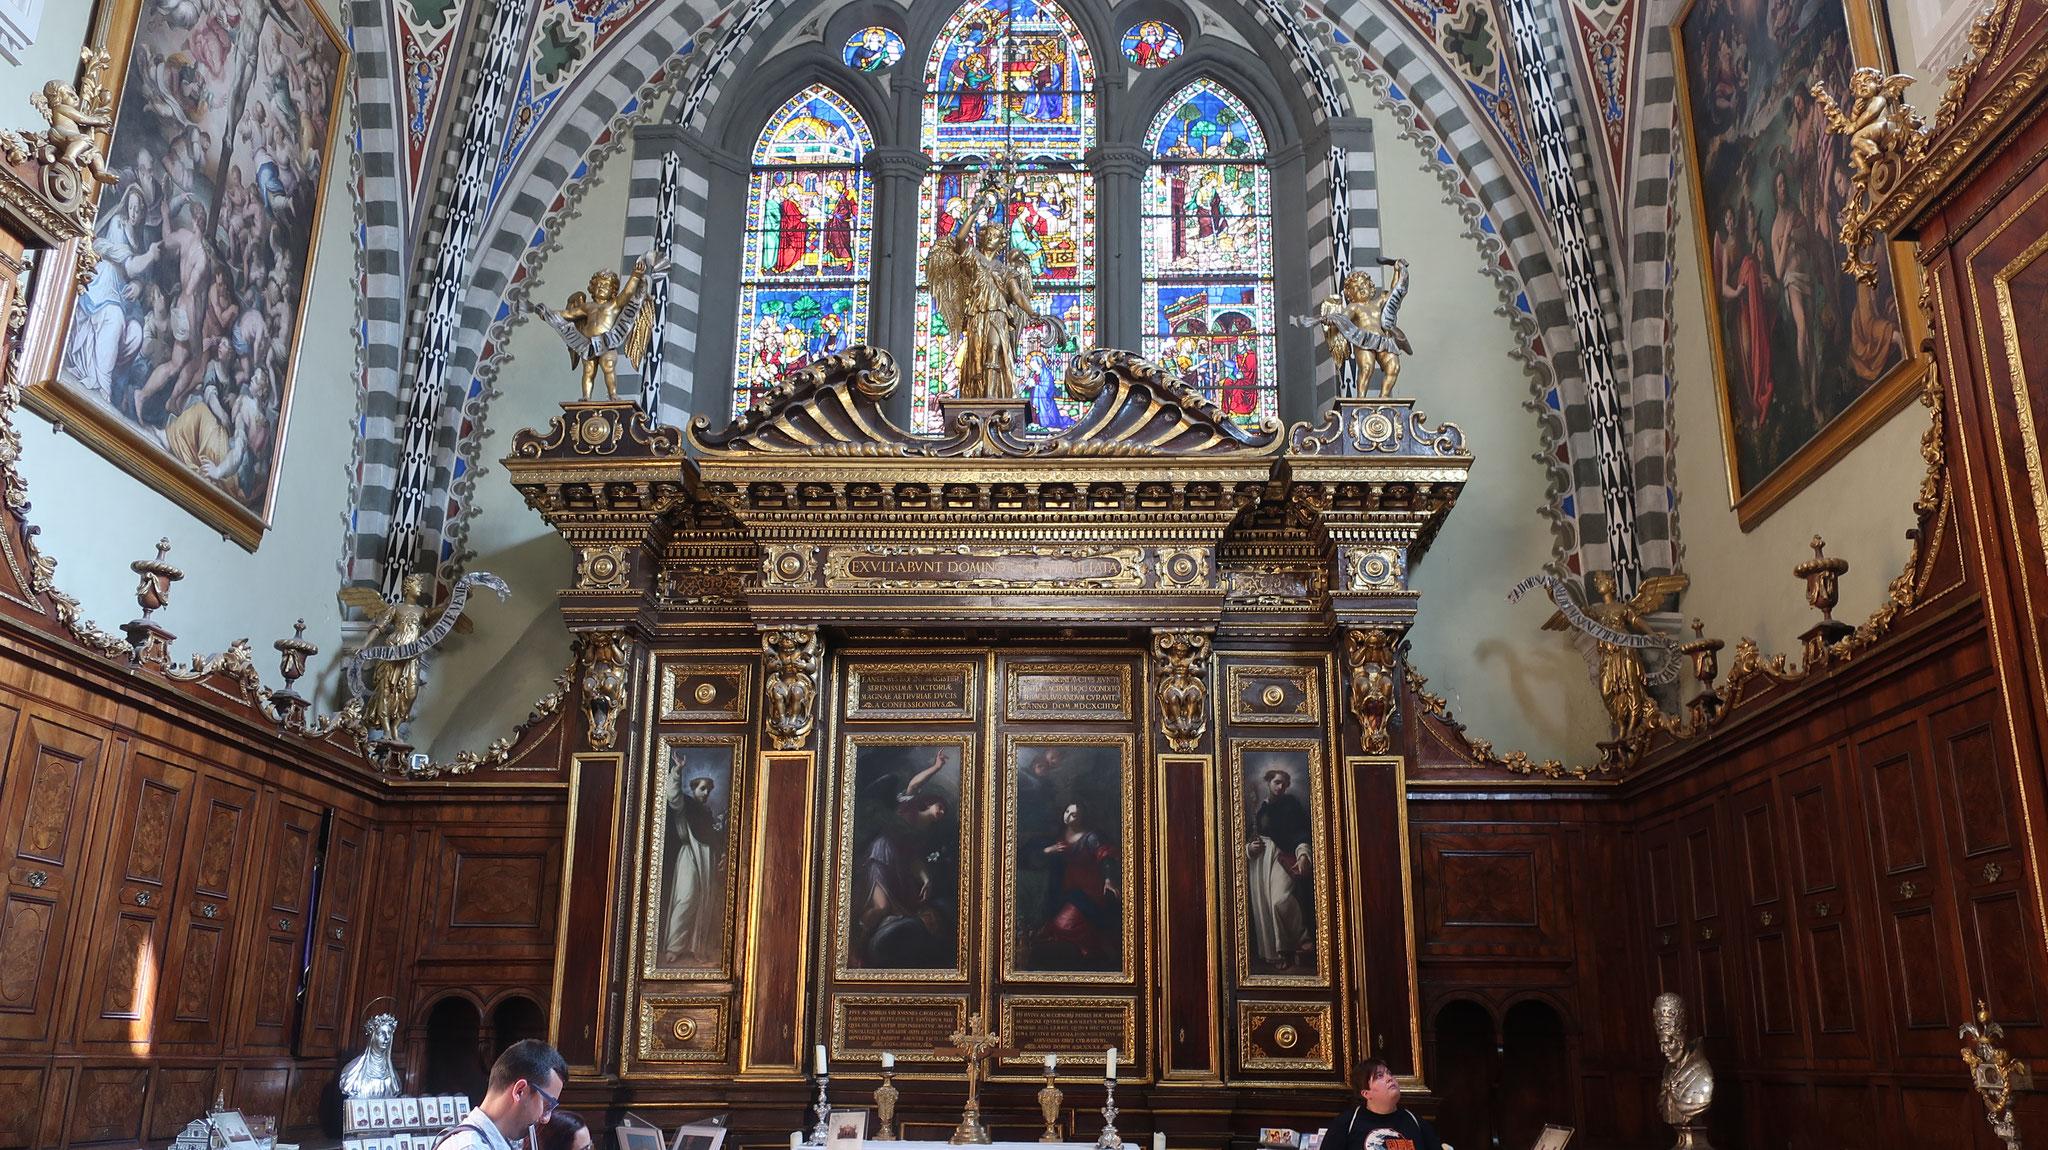 ストロッツィ礼拝堂の多翼祭壇画。A.オルカーニャ作。